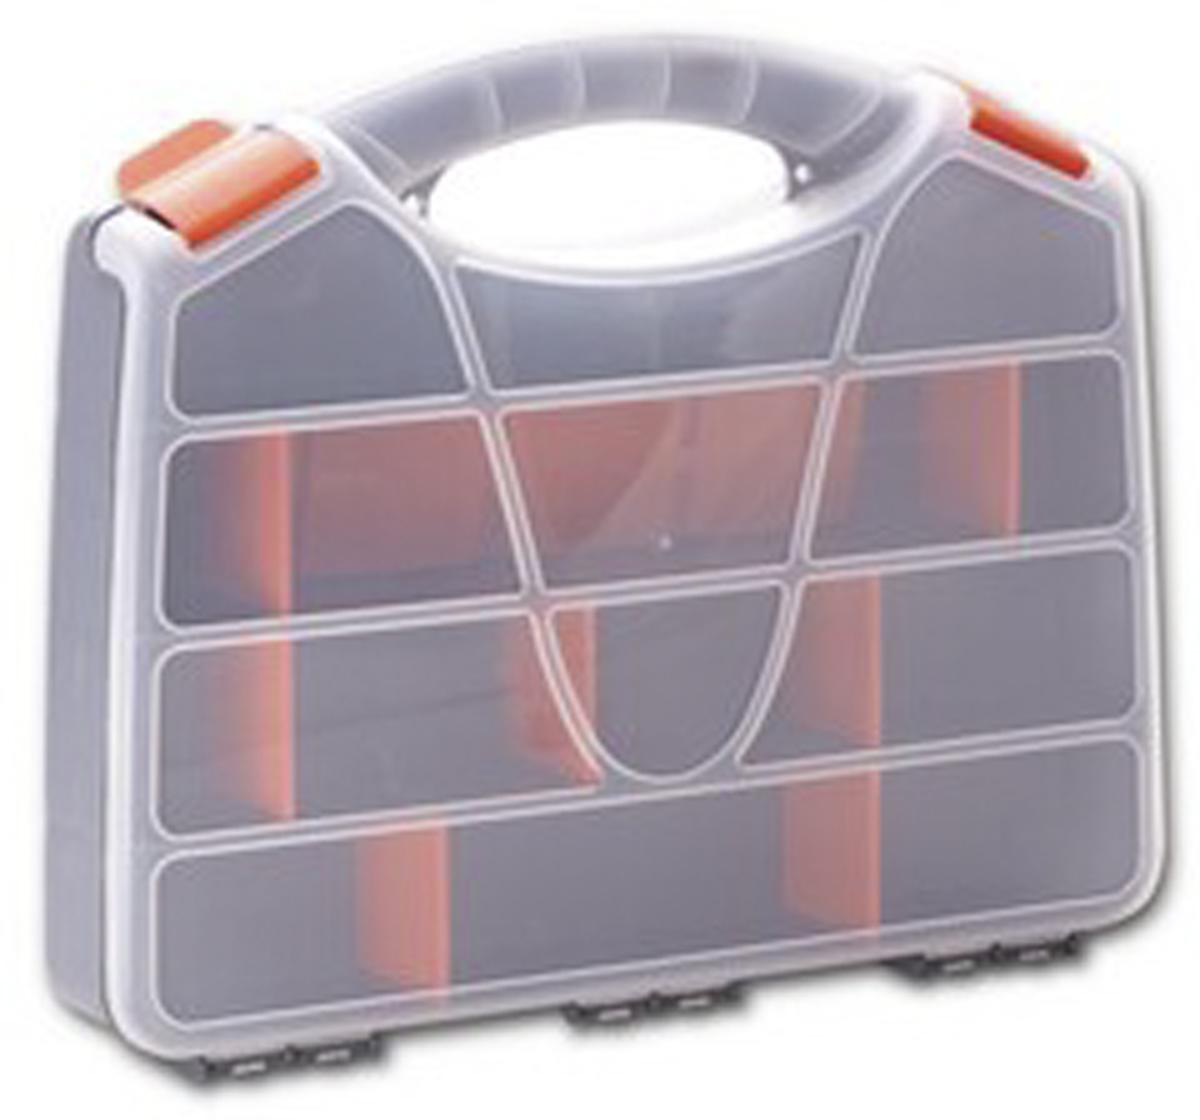 Органайзер для инструментов Blocker Profi, цвет: серый, оранжевый, 32 х 26 х 5,5 смПЦ3720СРСВИНЦОРУдобный органайзер Blocker Profi предназначен дляпереноски и хранения инструментов. Изделие выполненоиз высококачественного полипропилена. Прозрачная крышка, небольшой размер ипродуманная эргономика делают хранение любыхмелочей простым и эффективным. Надежные замкипредохраняют от случайного открытия. Съемныеразделители позволяют организовать пространство всоответствии с вашими пожеланиями.